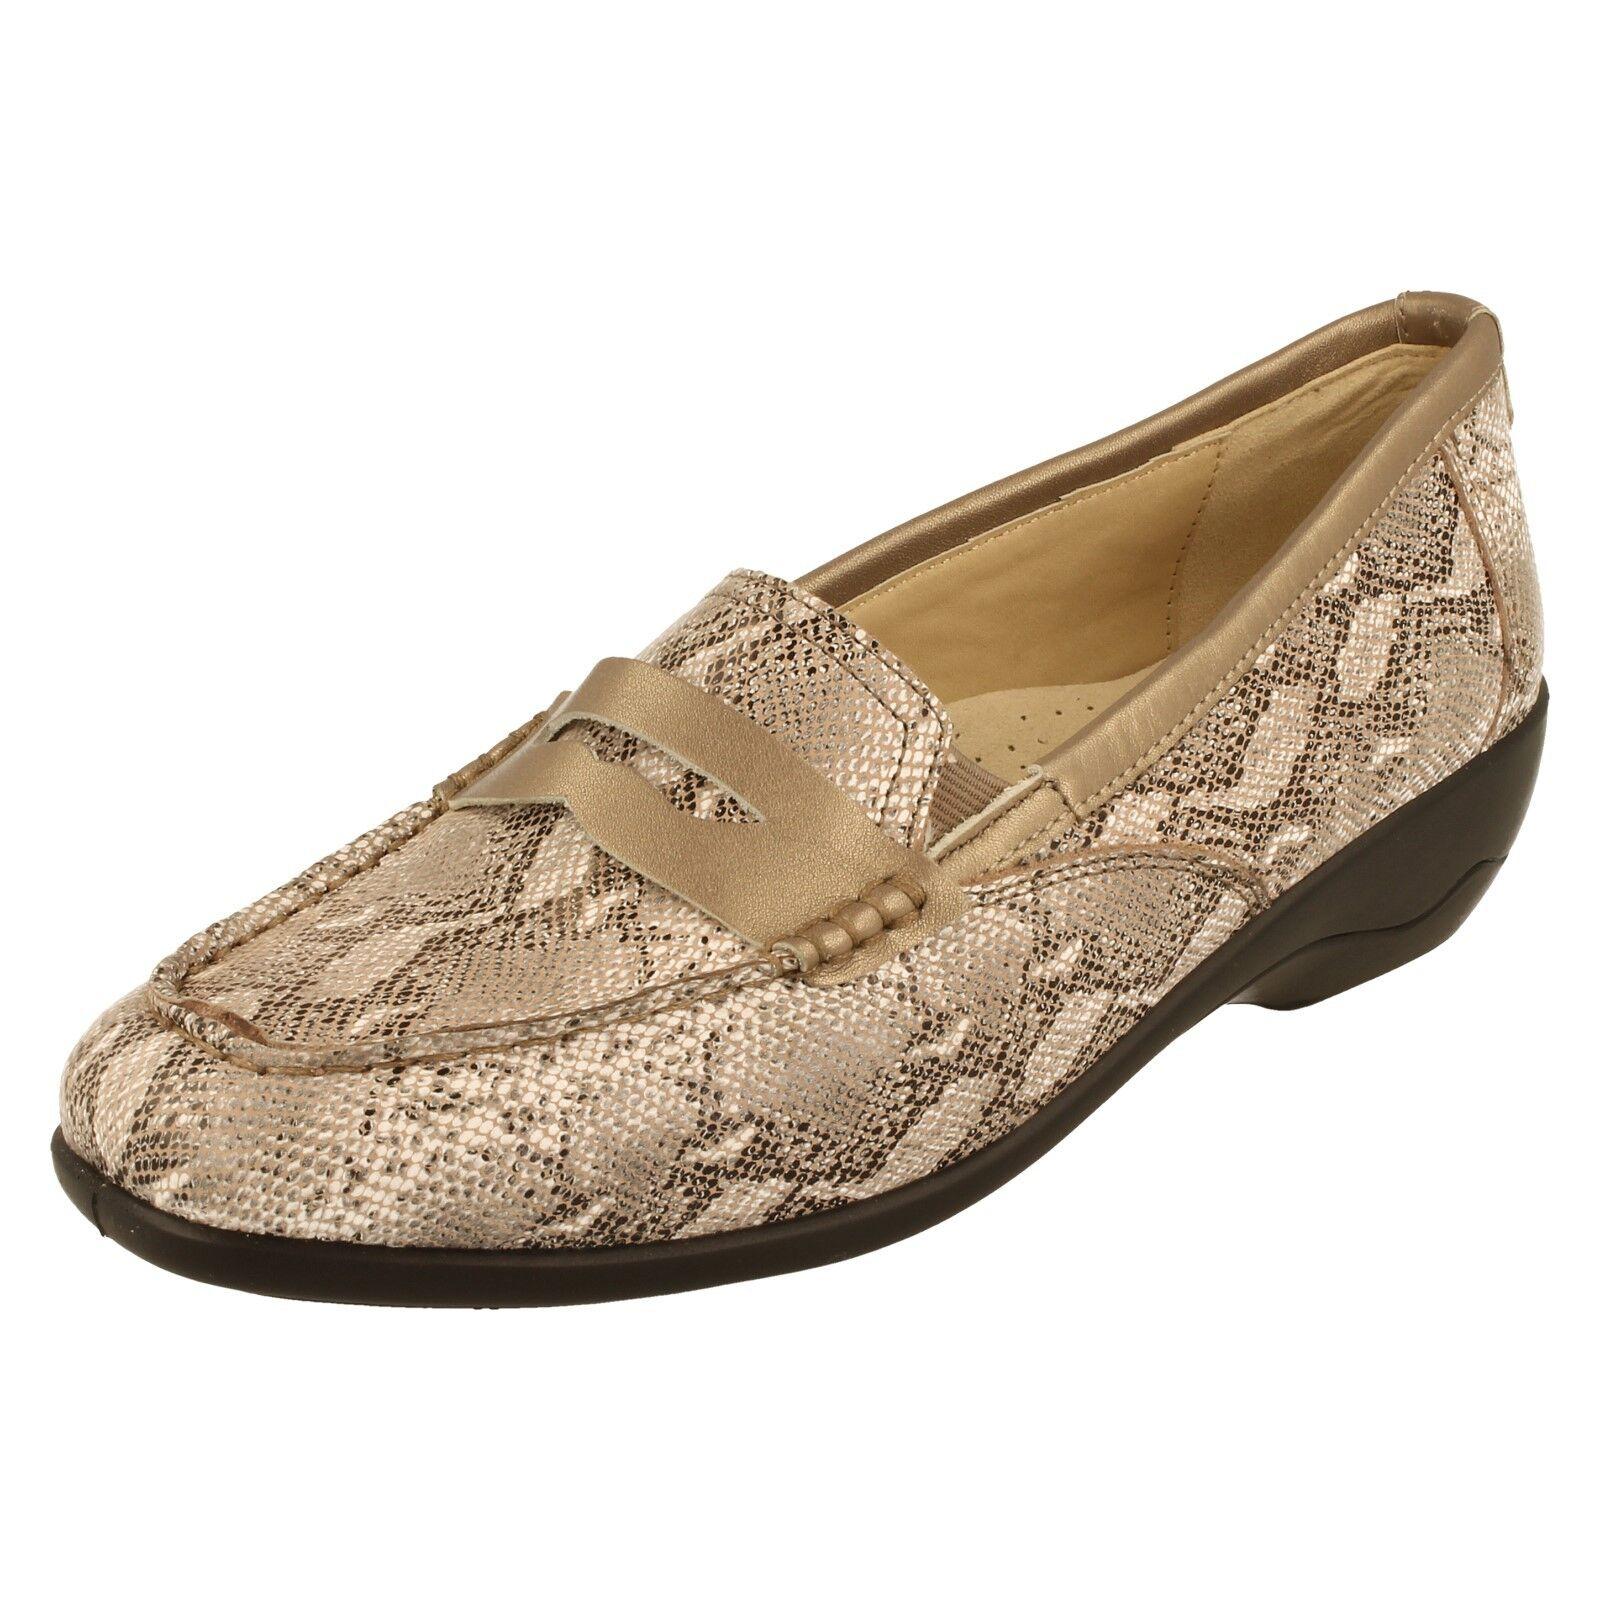 Zapatos casuales salvajes Descuento por tiempo limitado mujer Padders Zapatos Mocasín - esther2